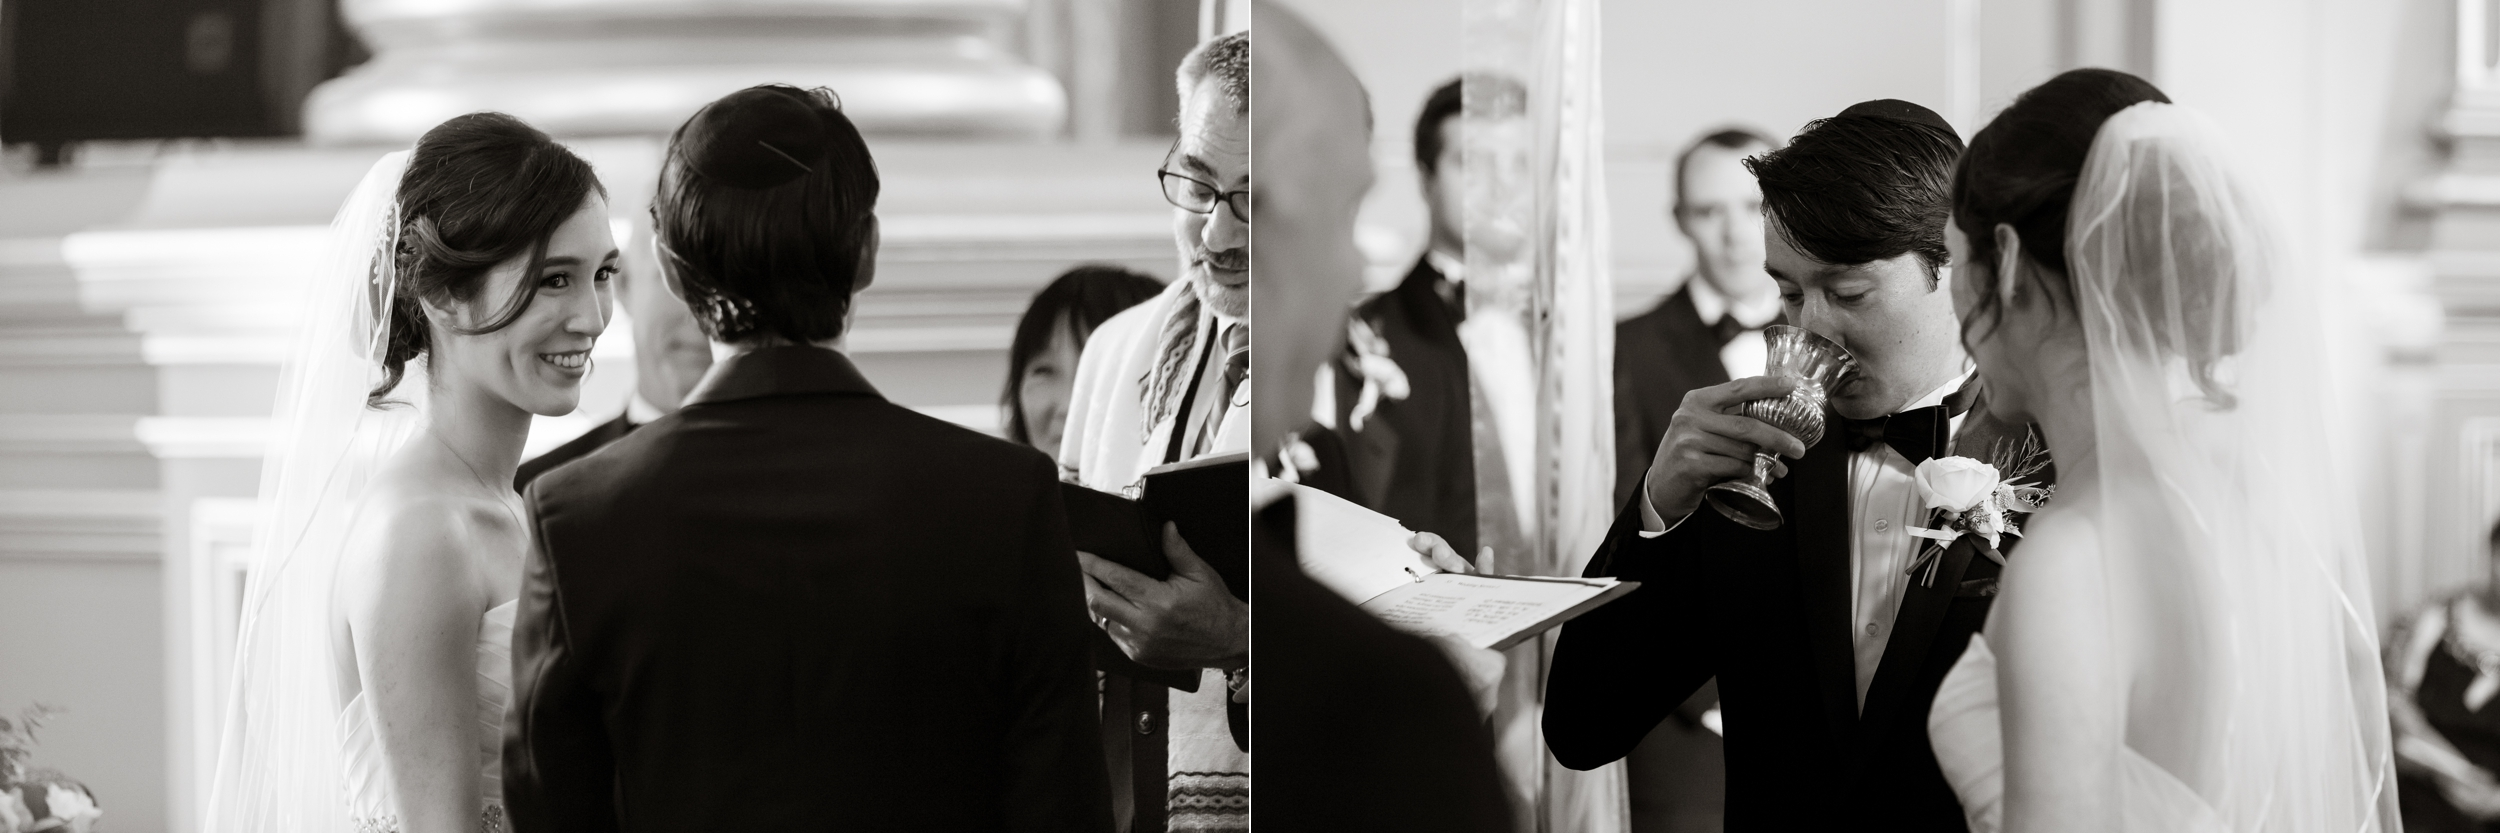 30san-francisco-green-room-wedding-photographer-vivianchen.jpg